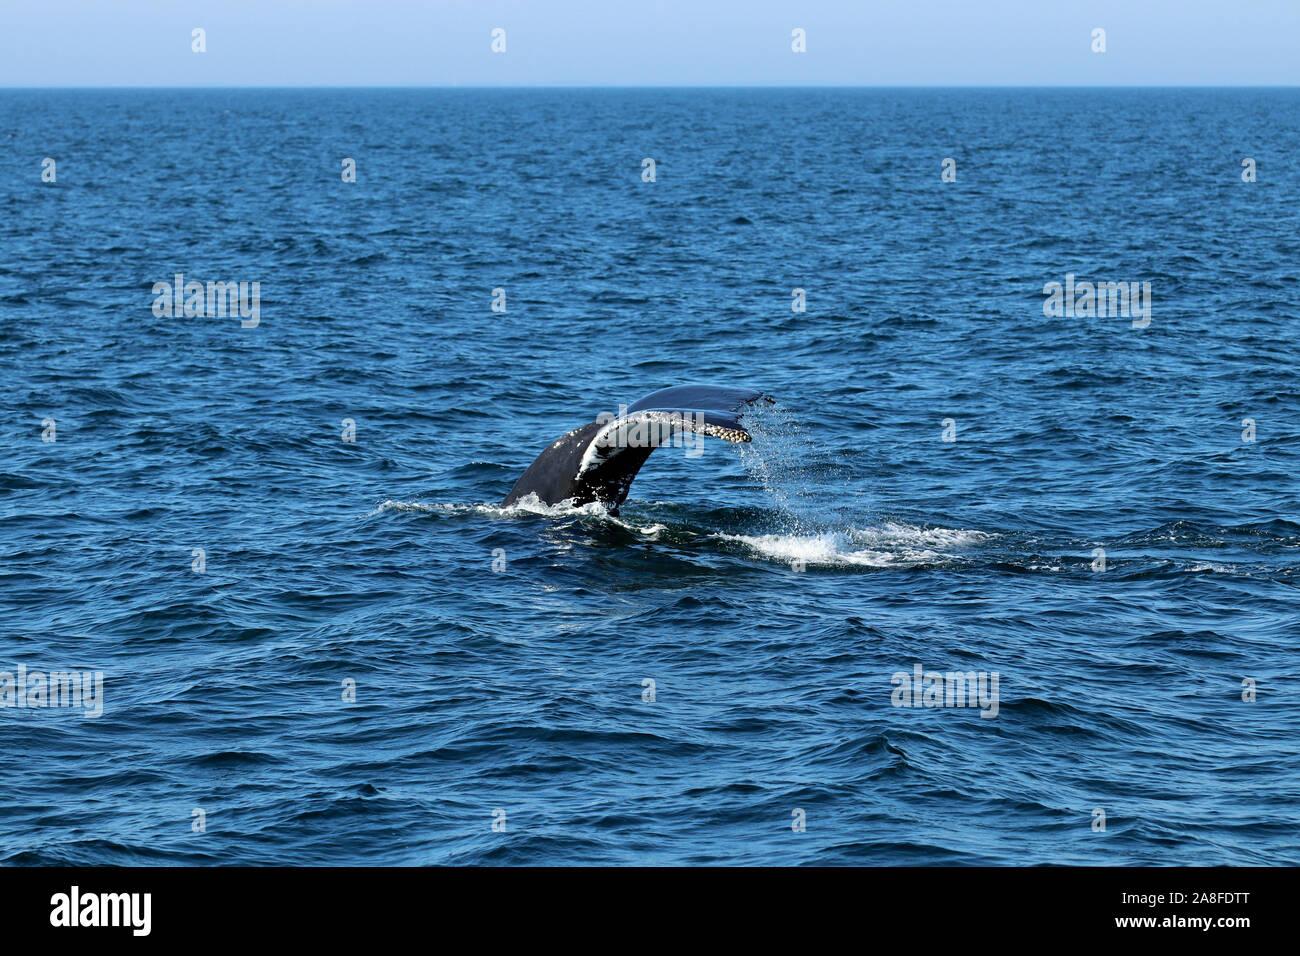 El Fluke de una ballena jorobada (Megaptera novaeangliae) en una zambullida en el Banco Stellwagen Santuario Nacional Marino frente a la costa de Massachusetts Foto de stock